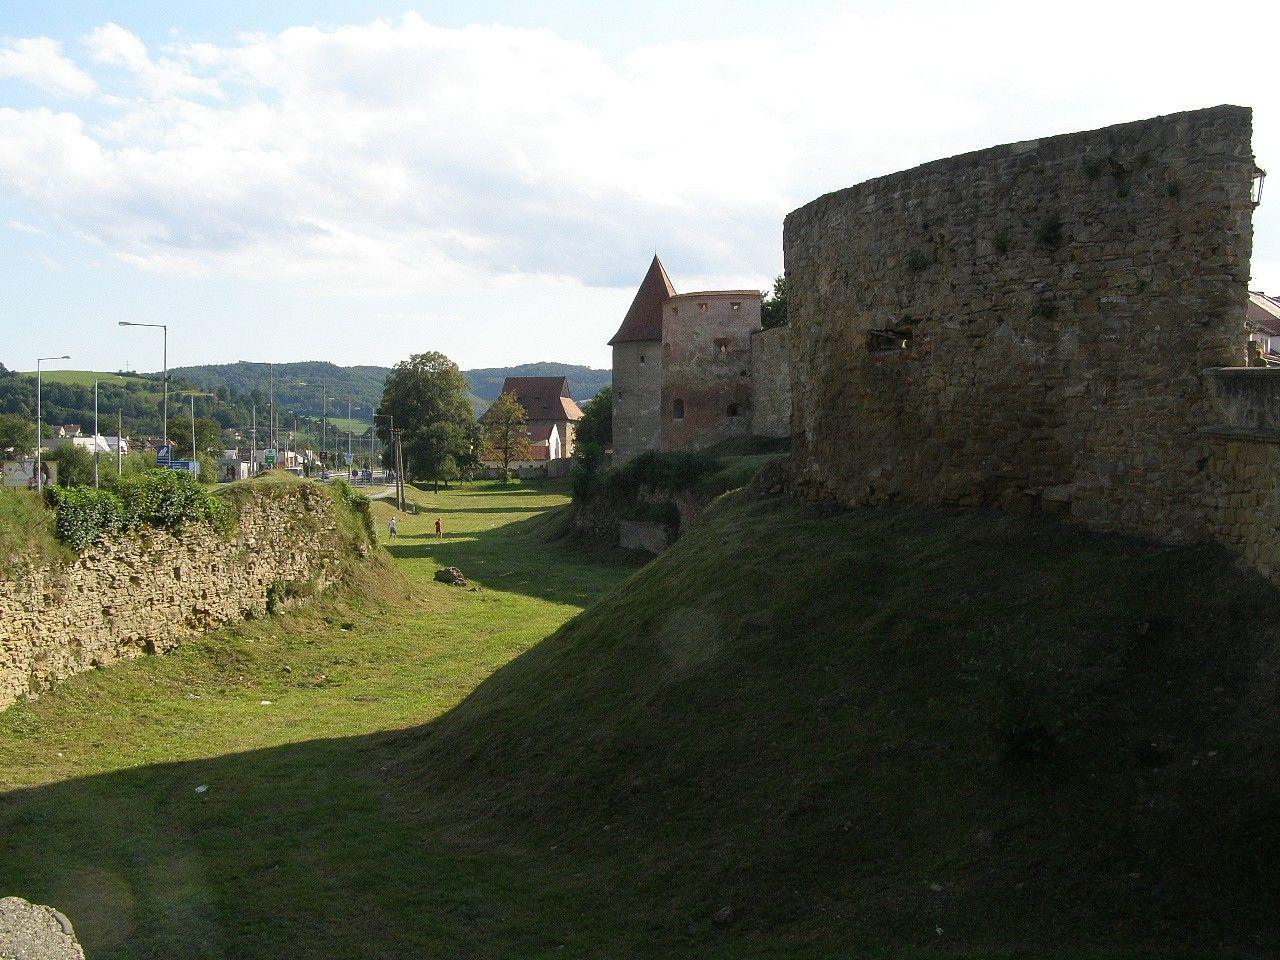 Pohľad na priekopu pred pevnostným múrom